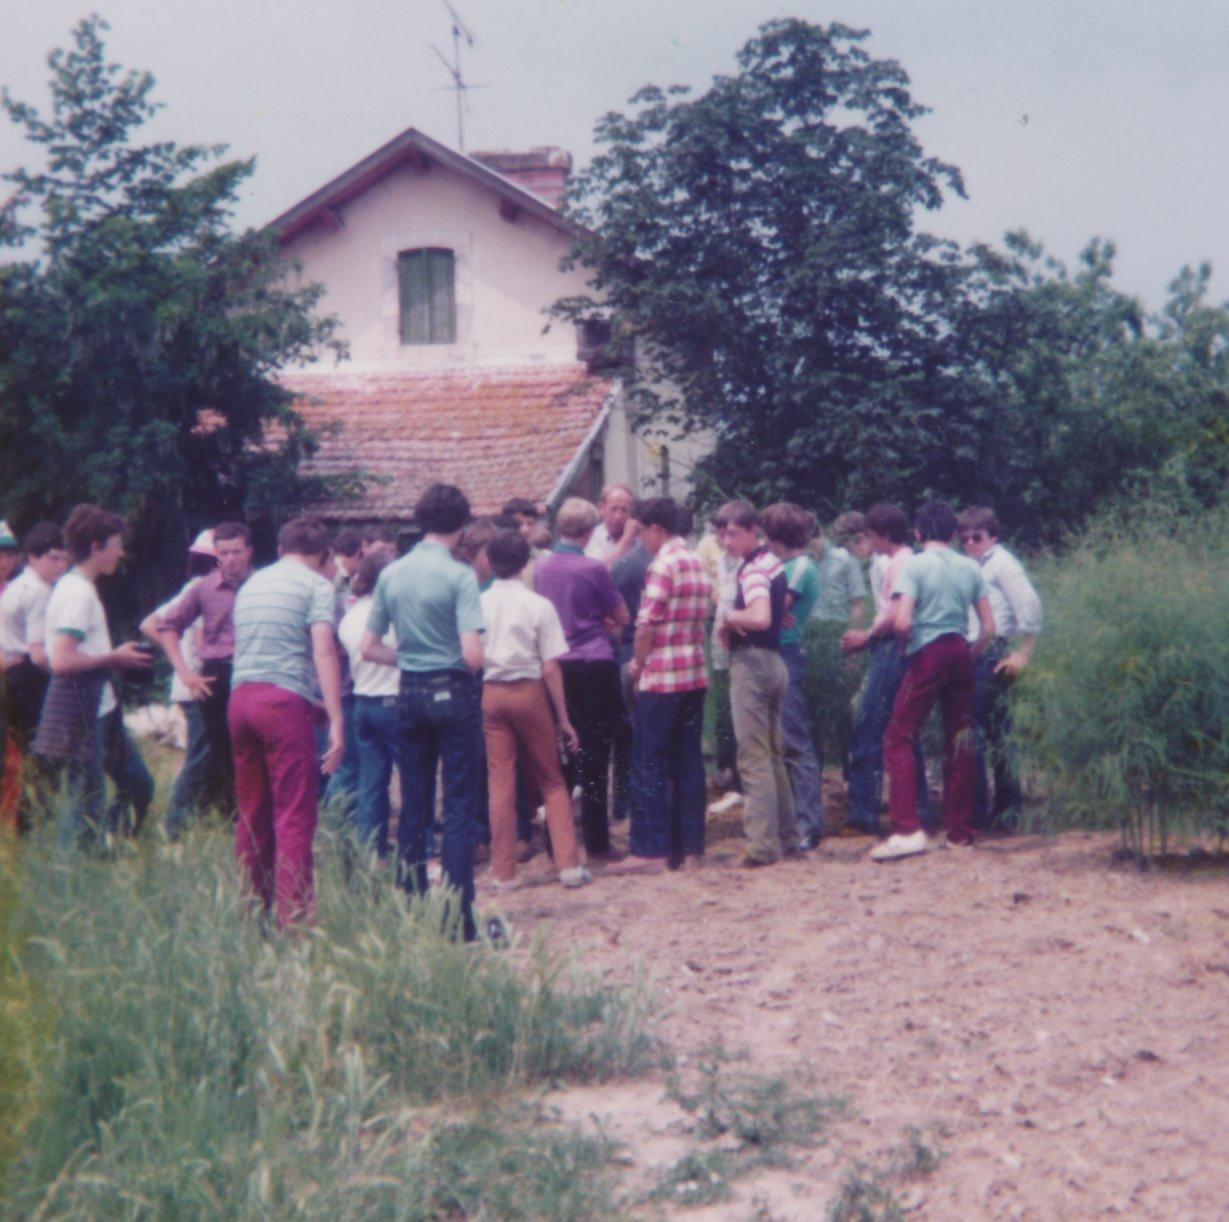 Archives anciens élèves mfr puy-sec 1983 (3)